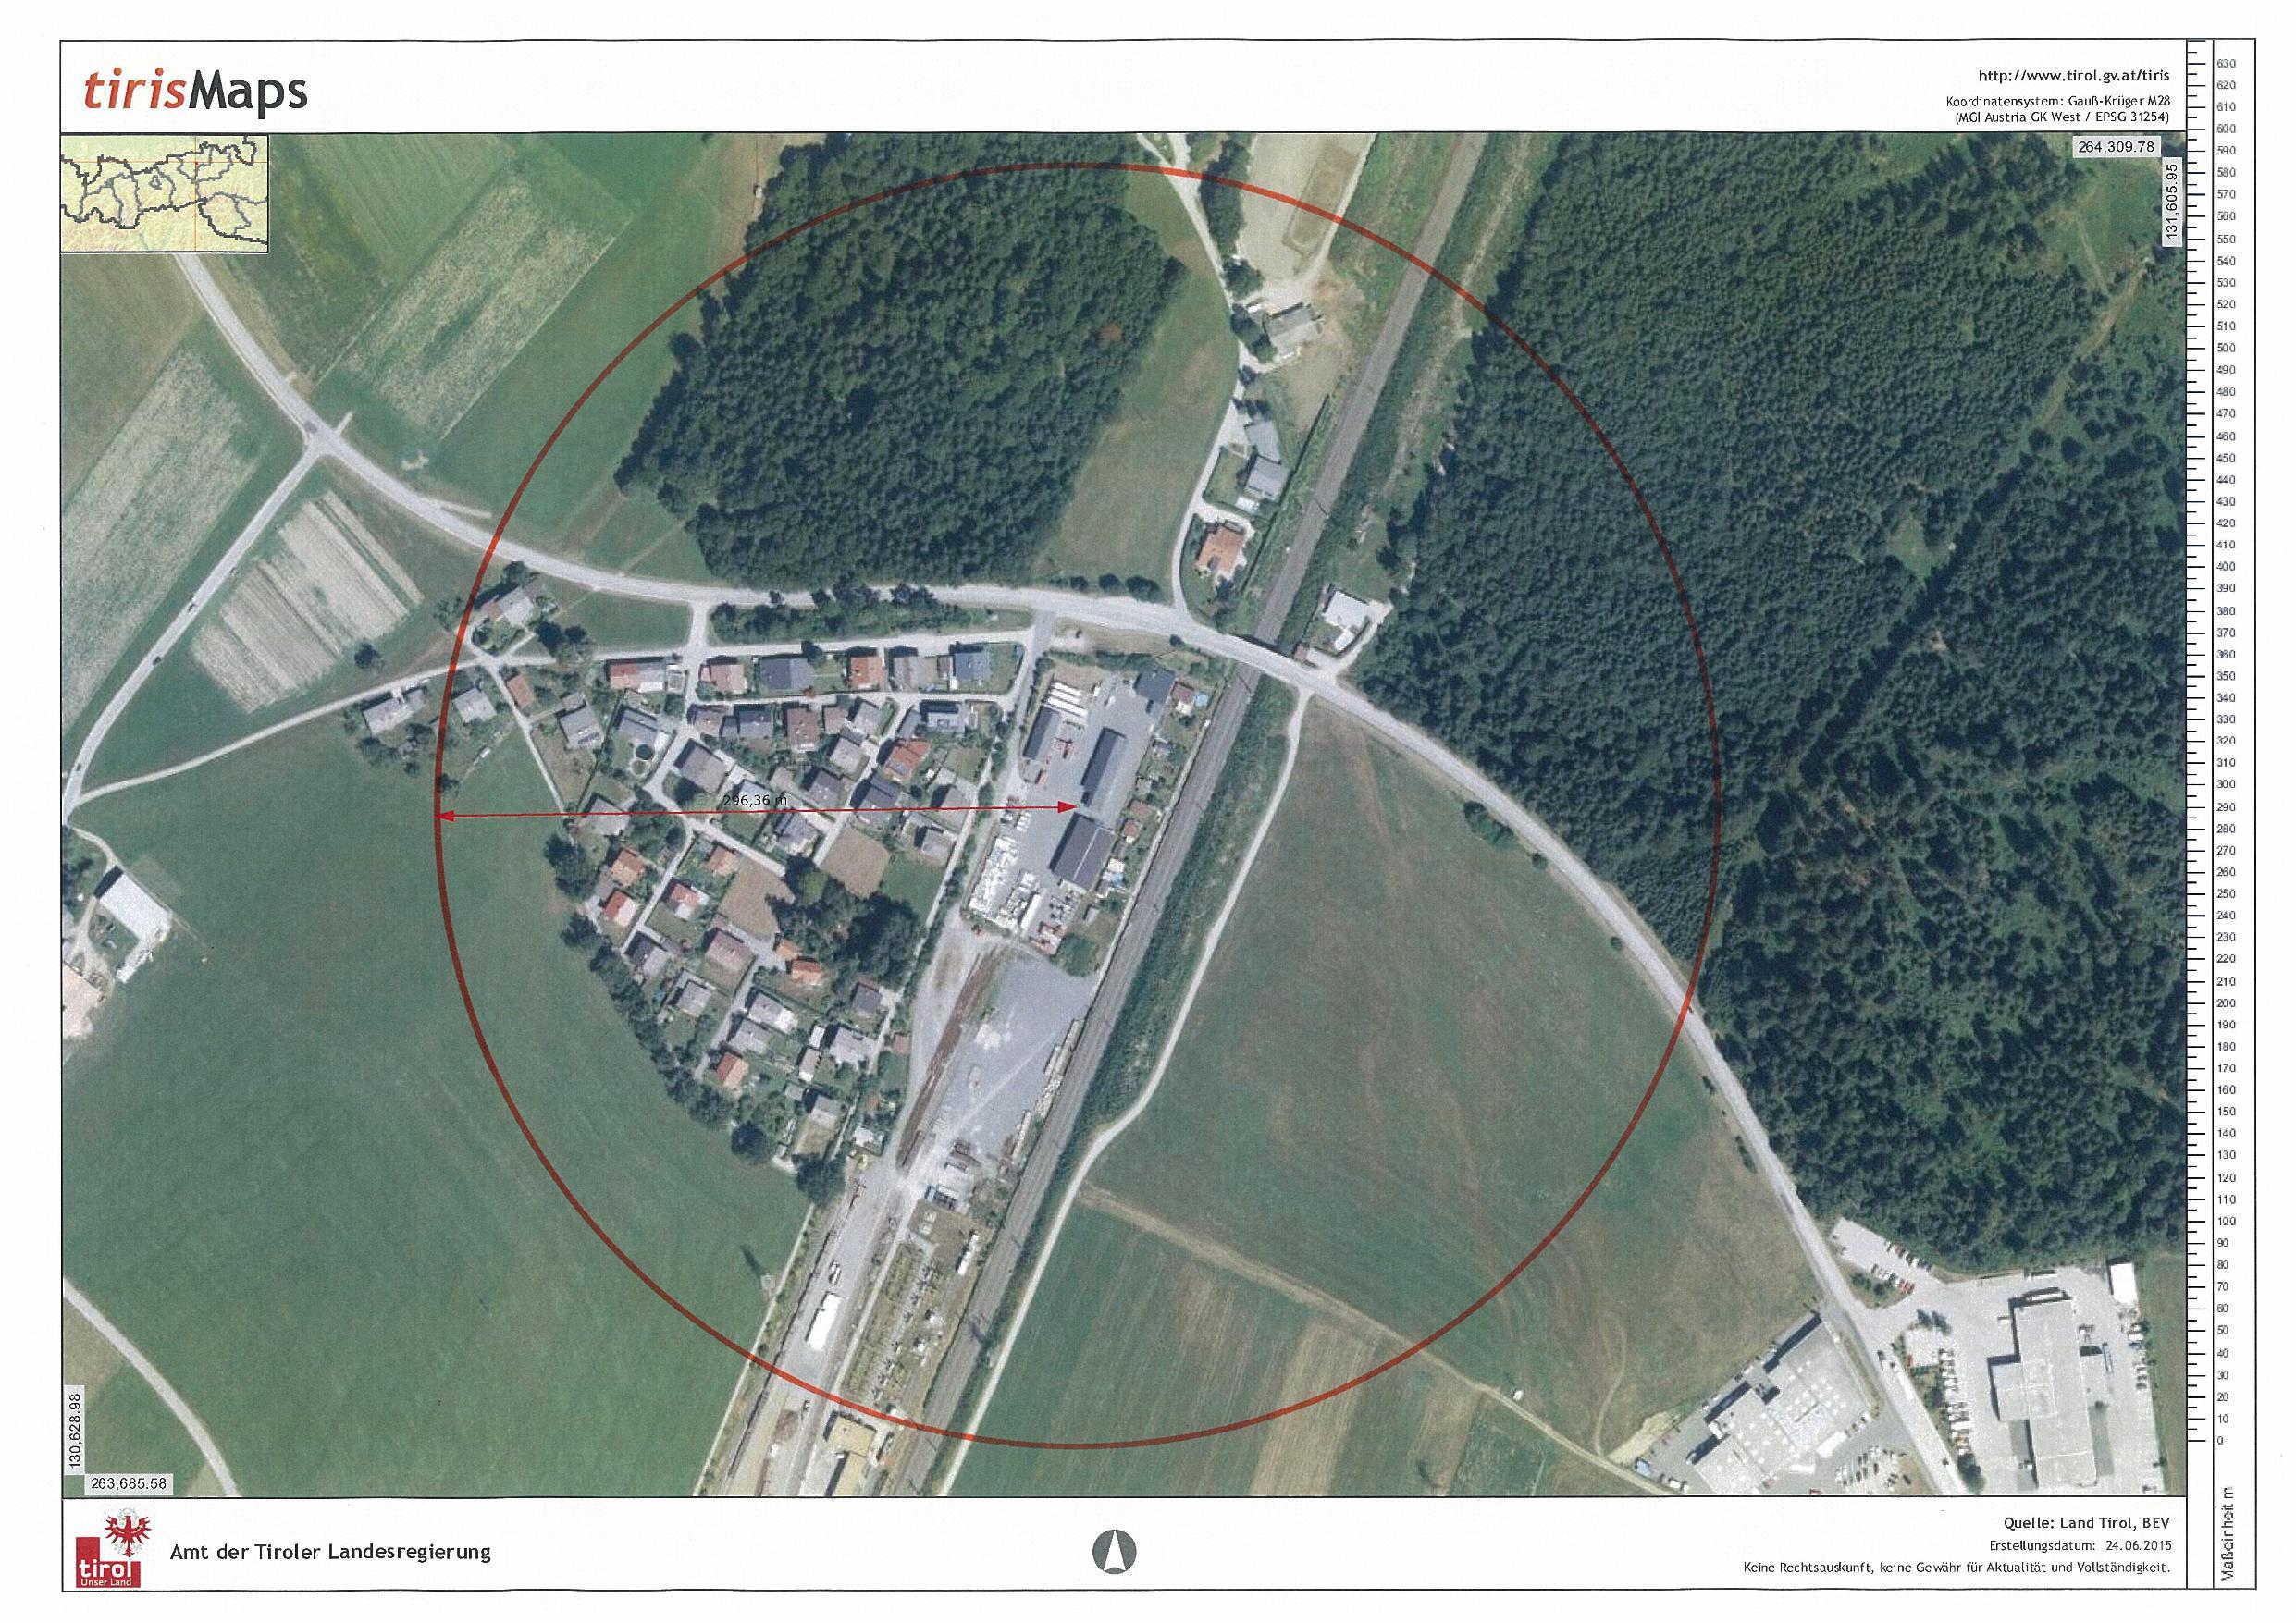 Gfährdungszone des Seveso-Betriebs Primagaz in Kirchbichl